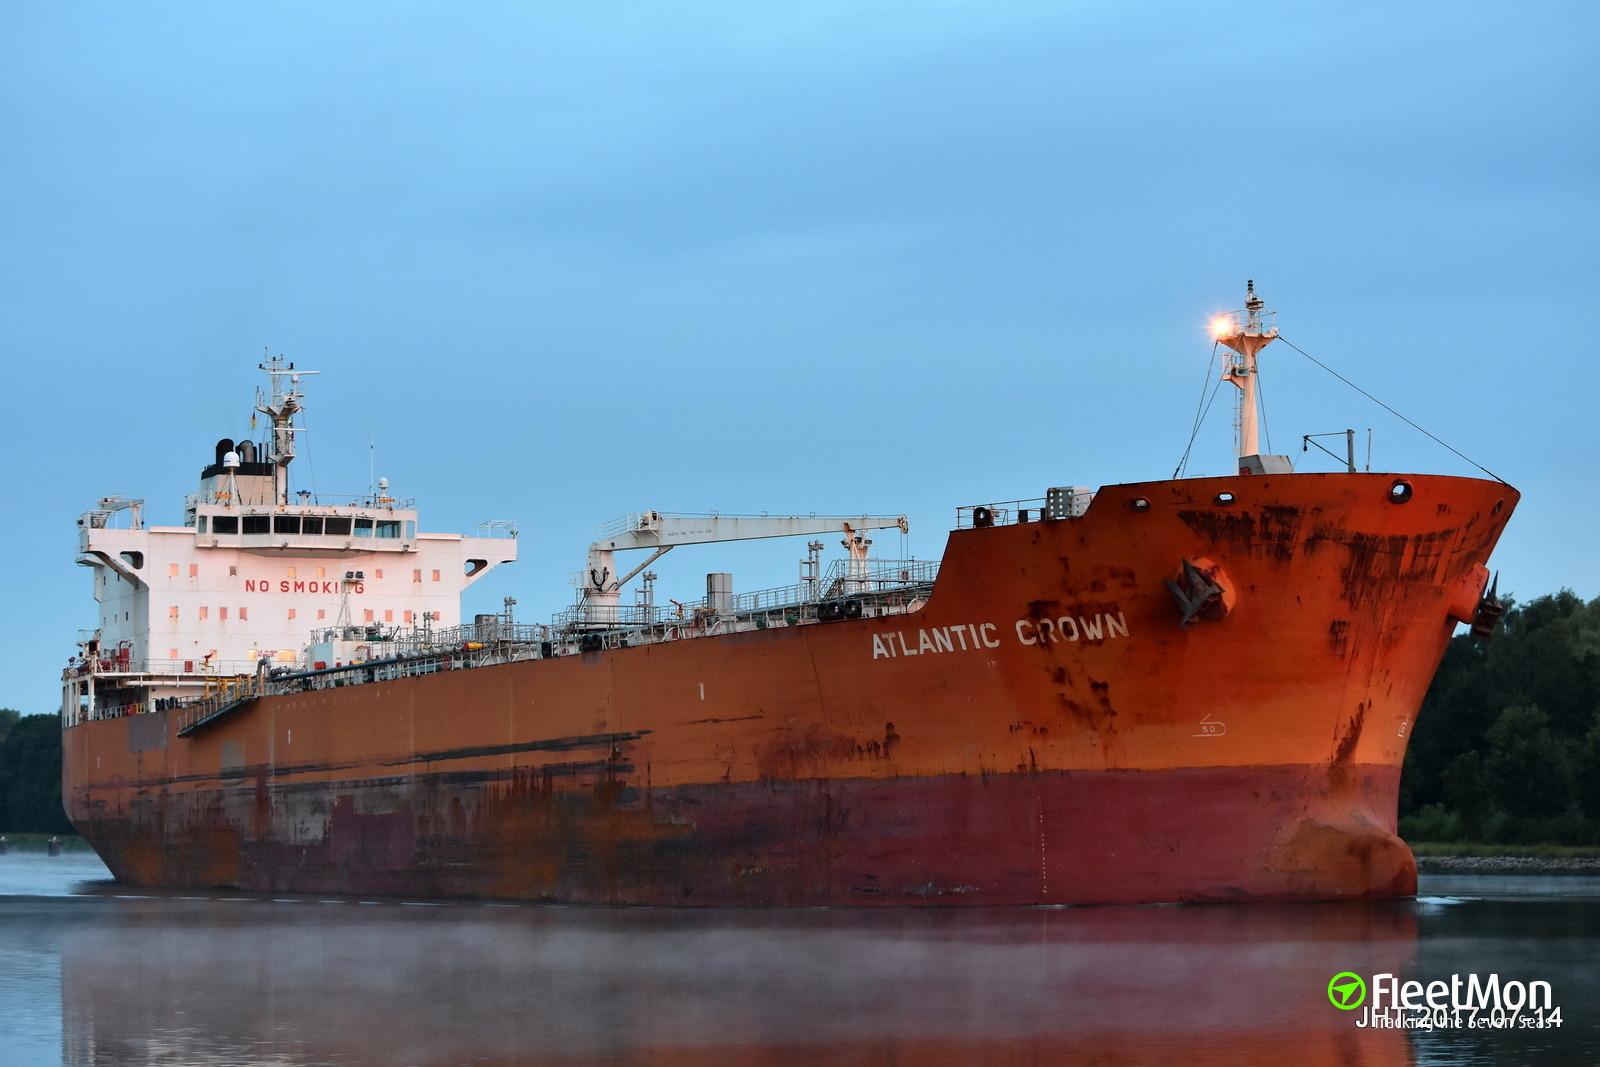 The Atlantic At Crown